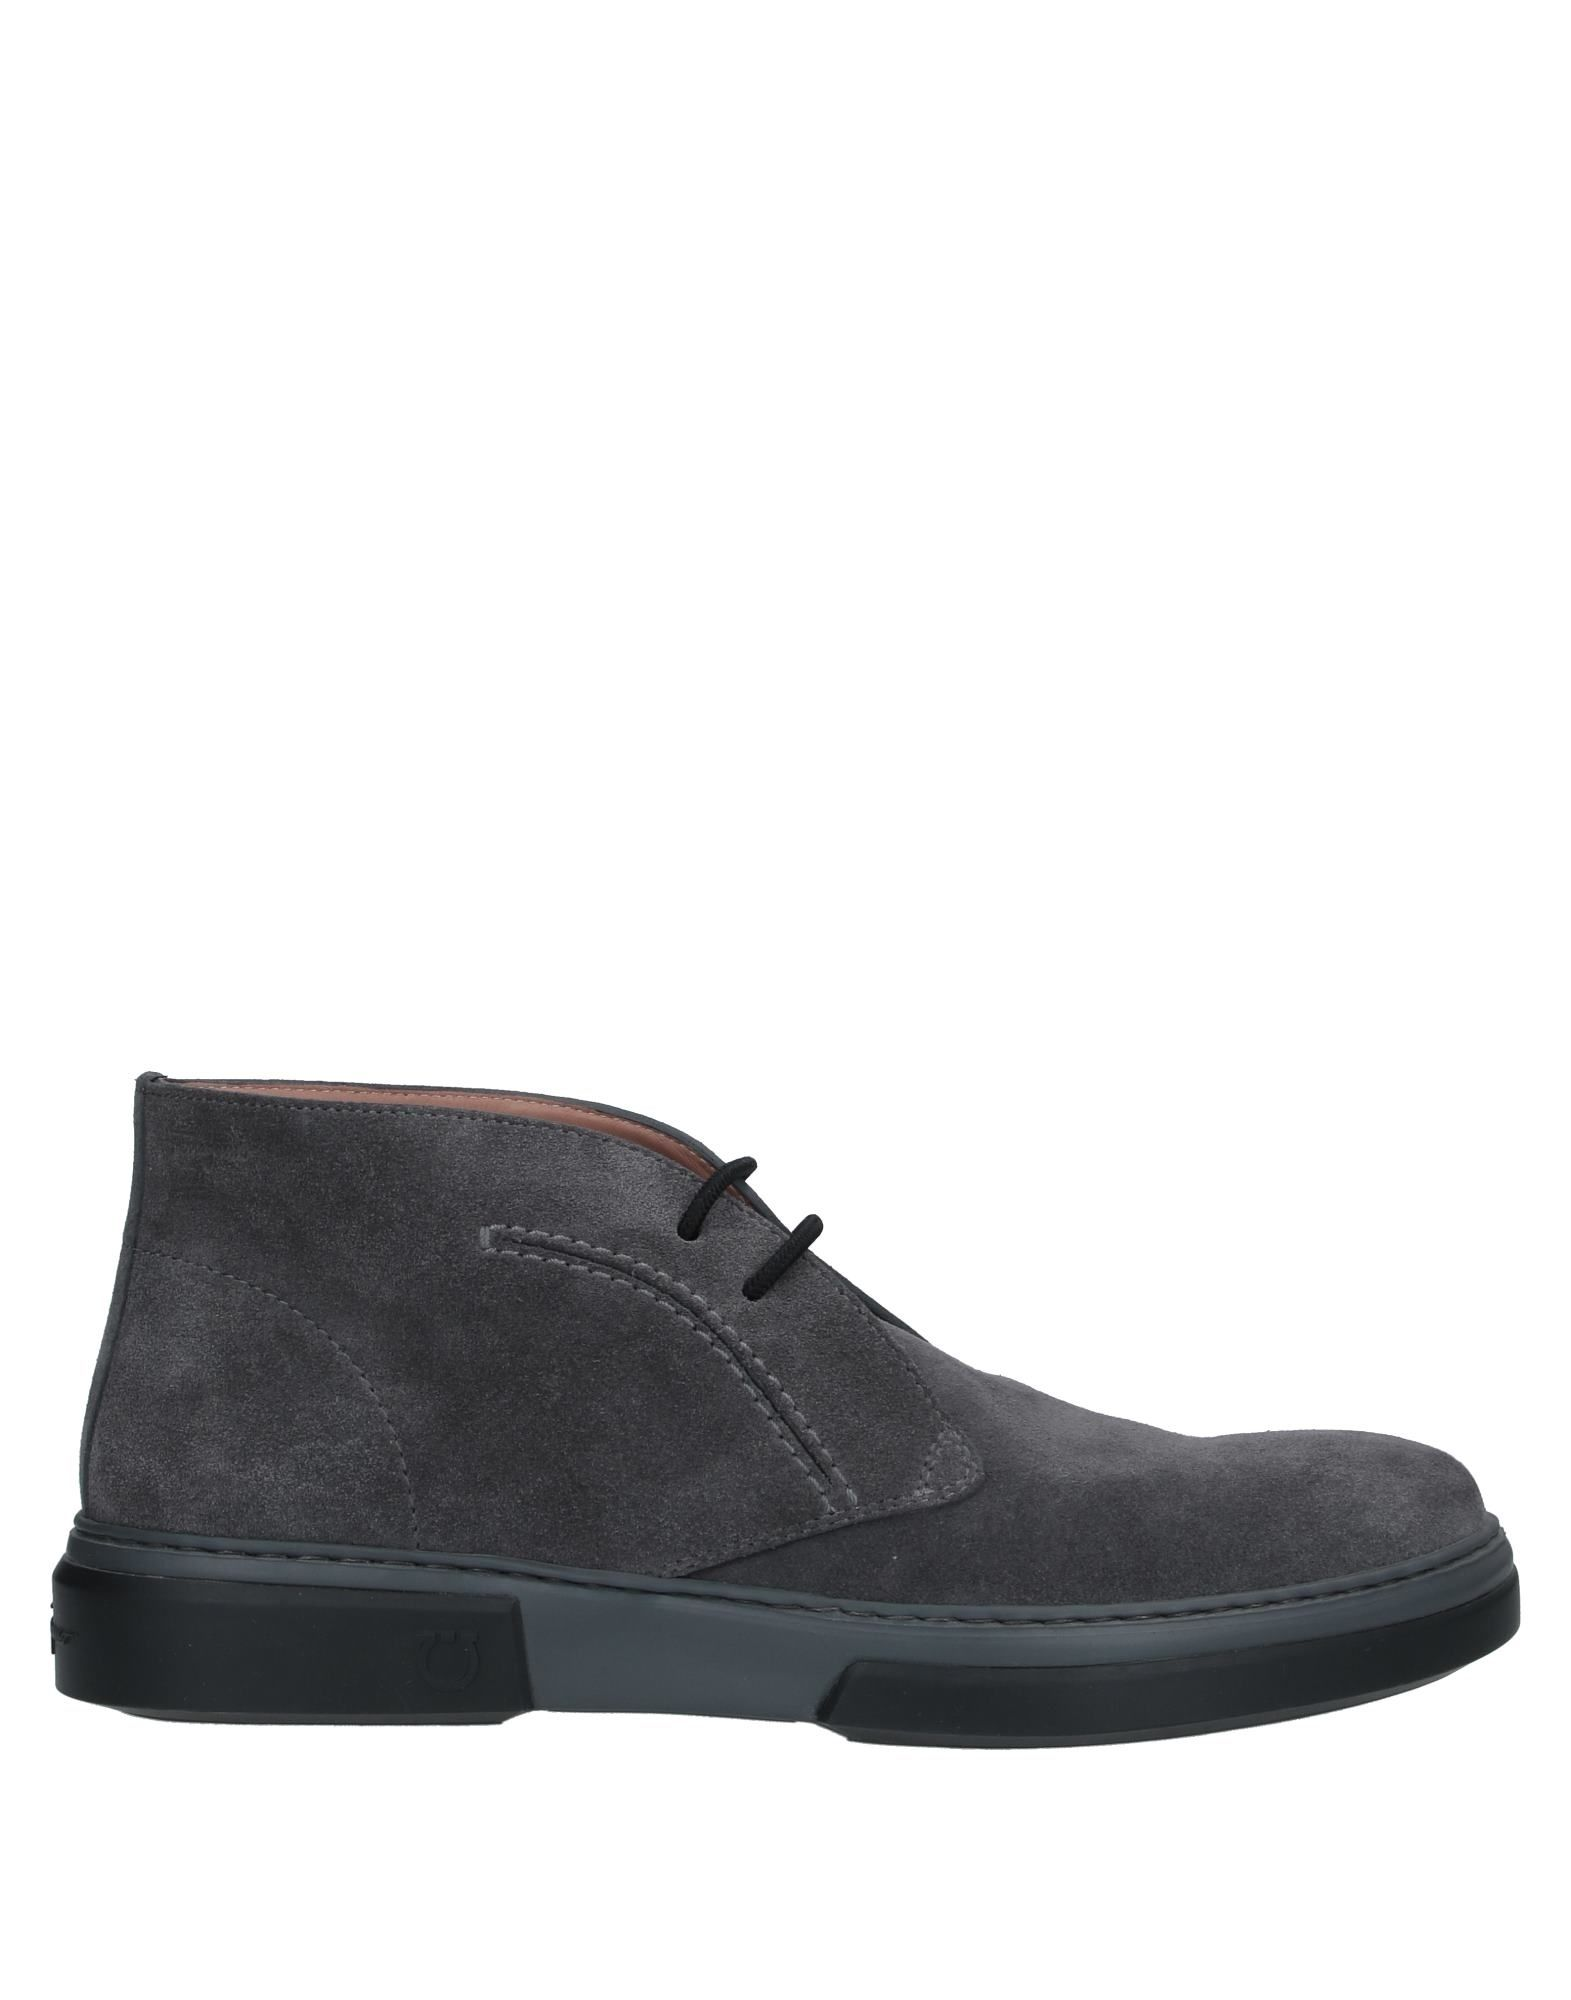 SALVATORE FERRAGAMO Ankle boots - Item 11793171